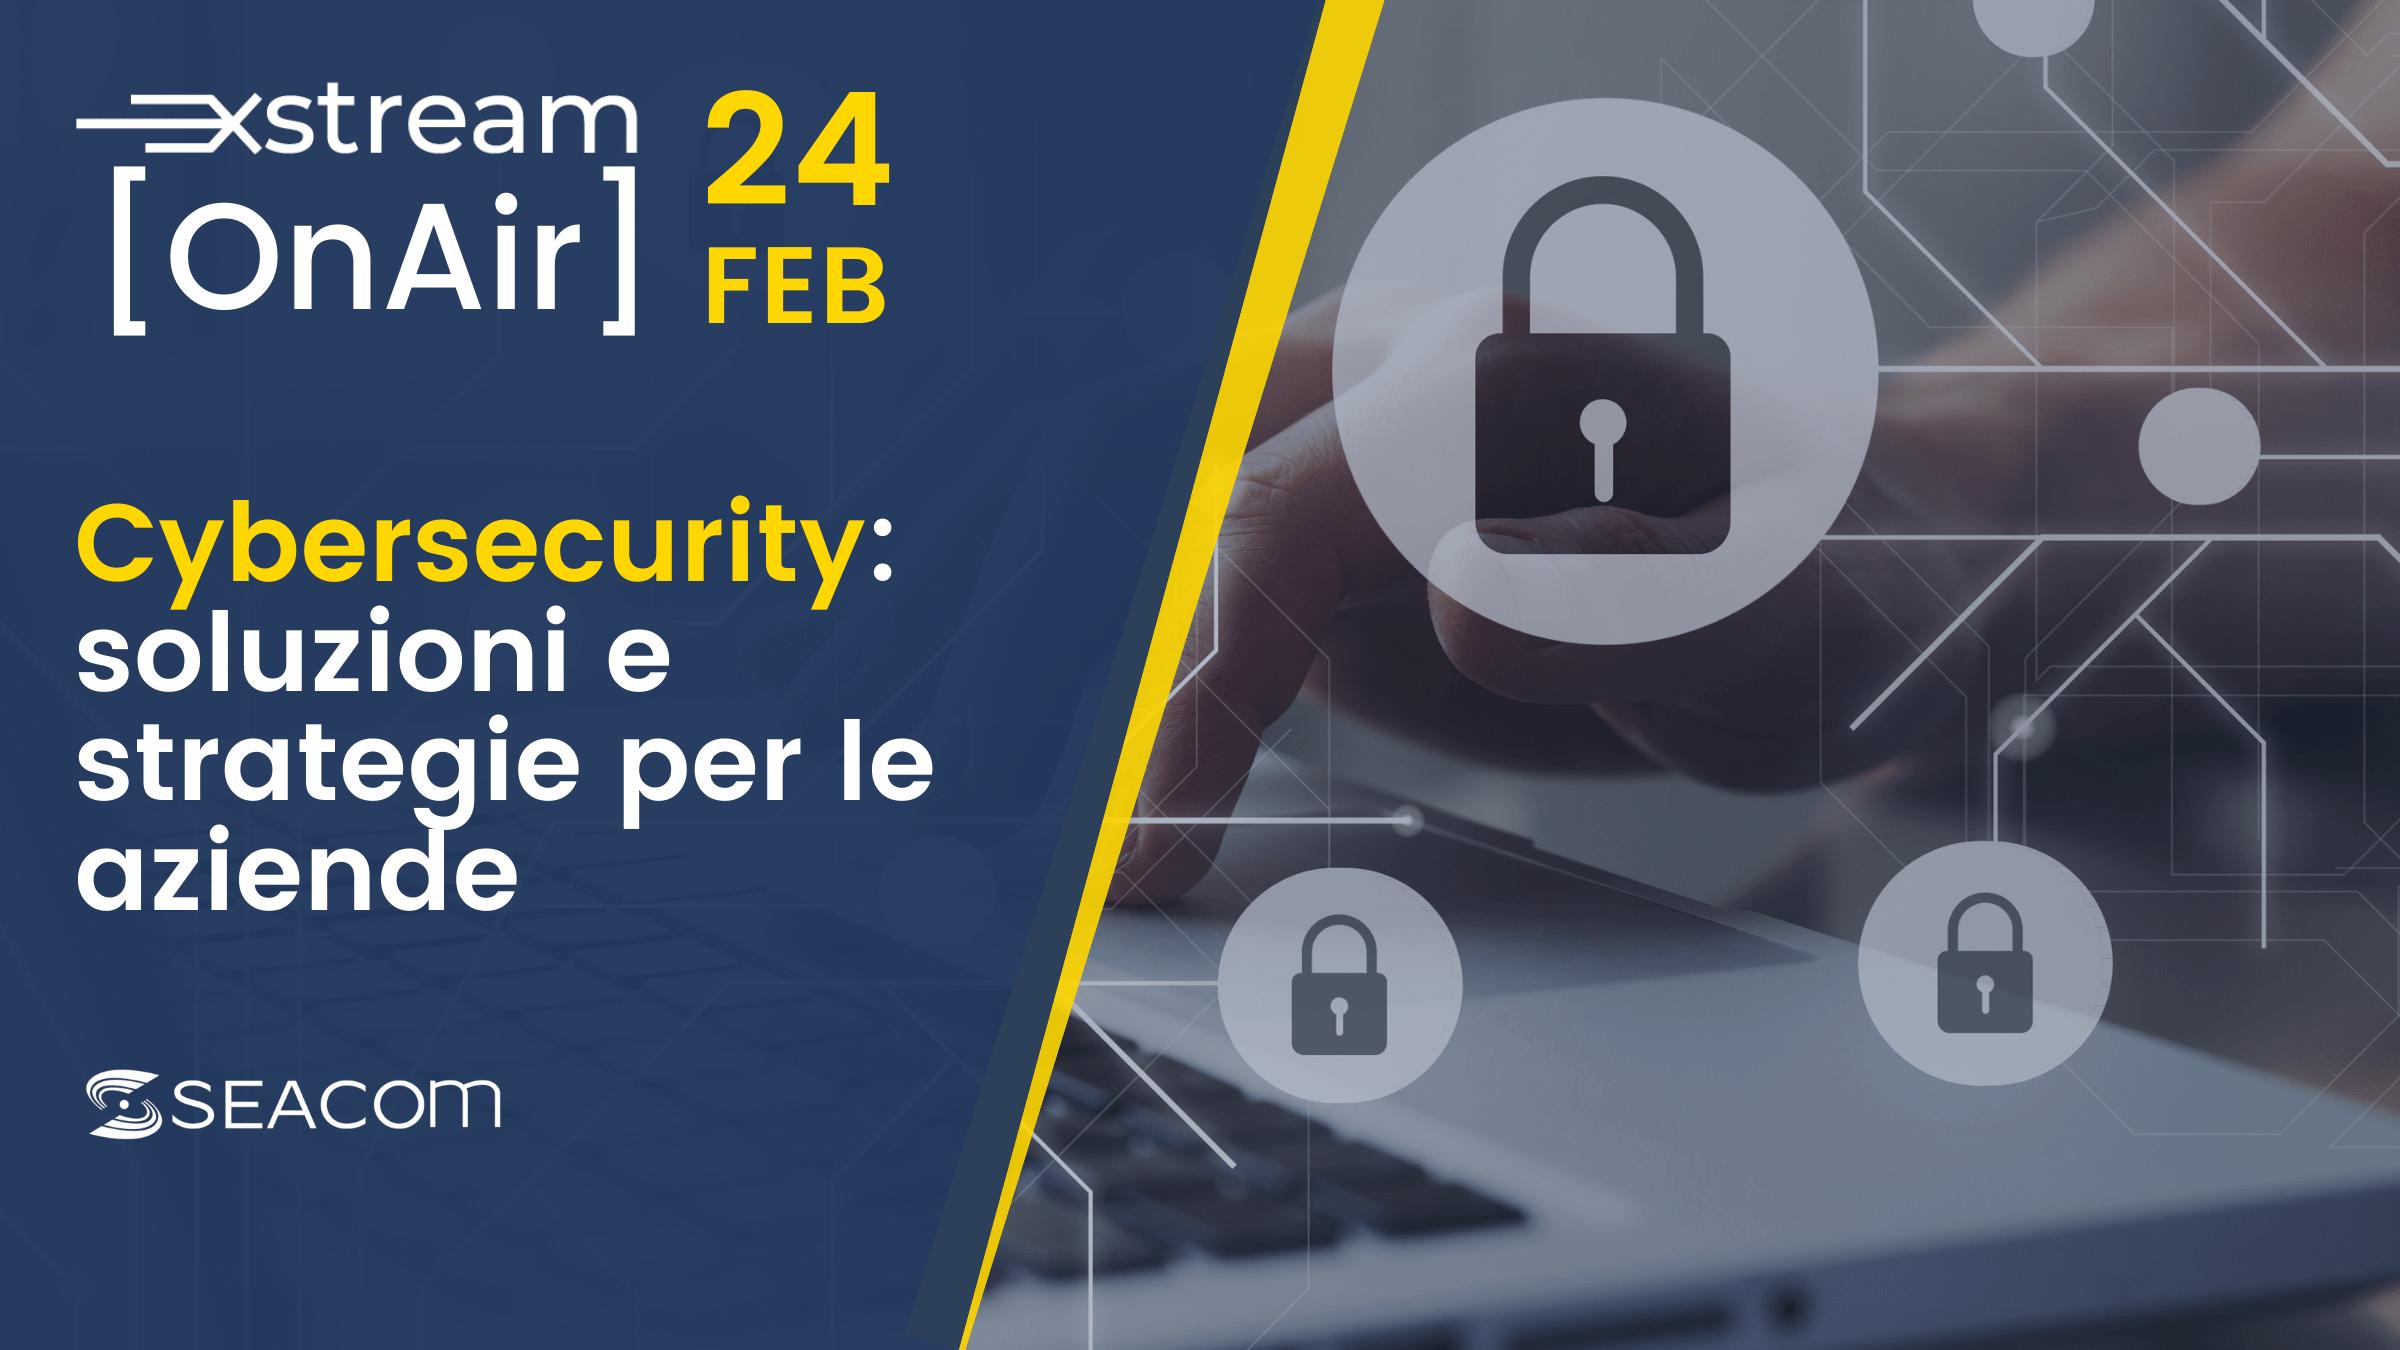 Xstream On Air – Cybersecurity: soluzioni e strategie per aziende e PA